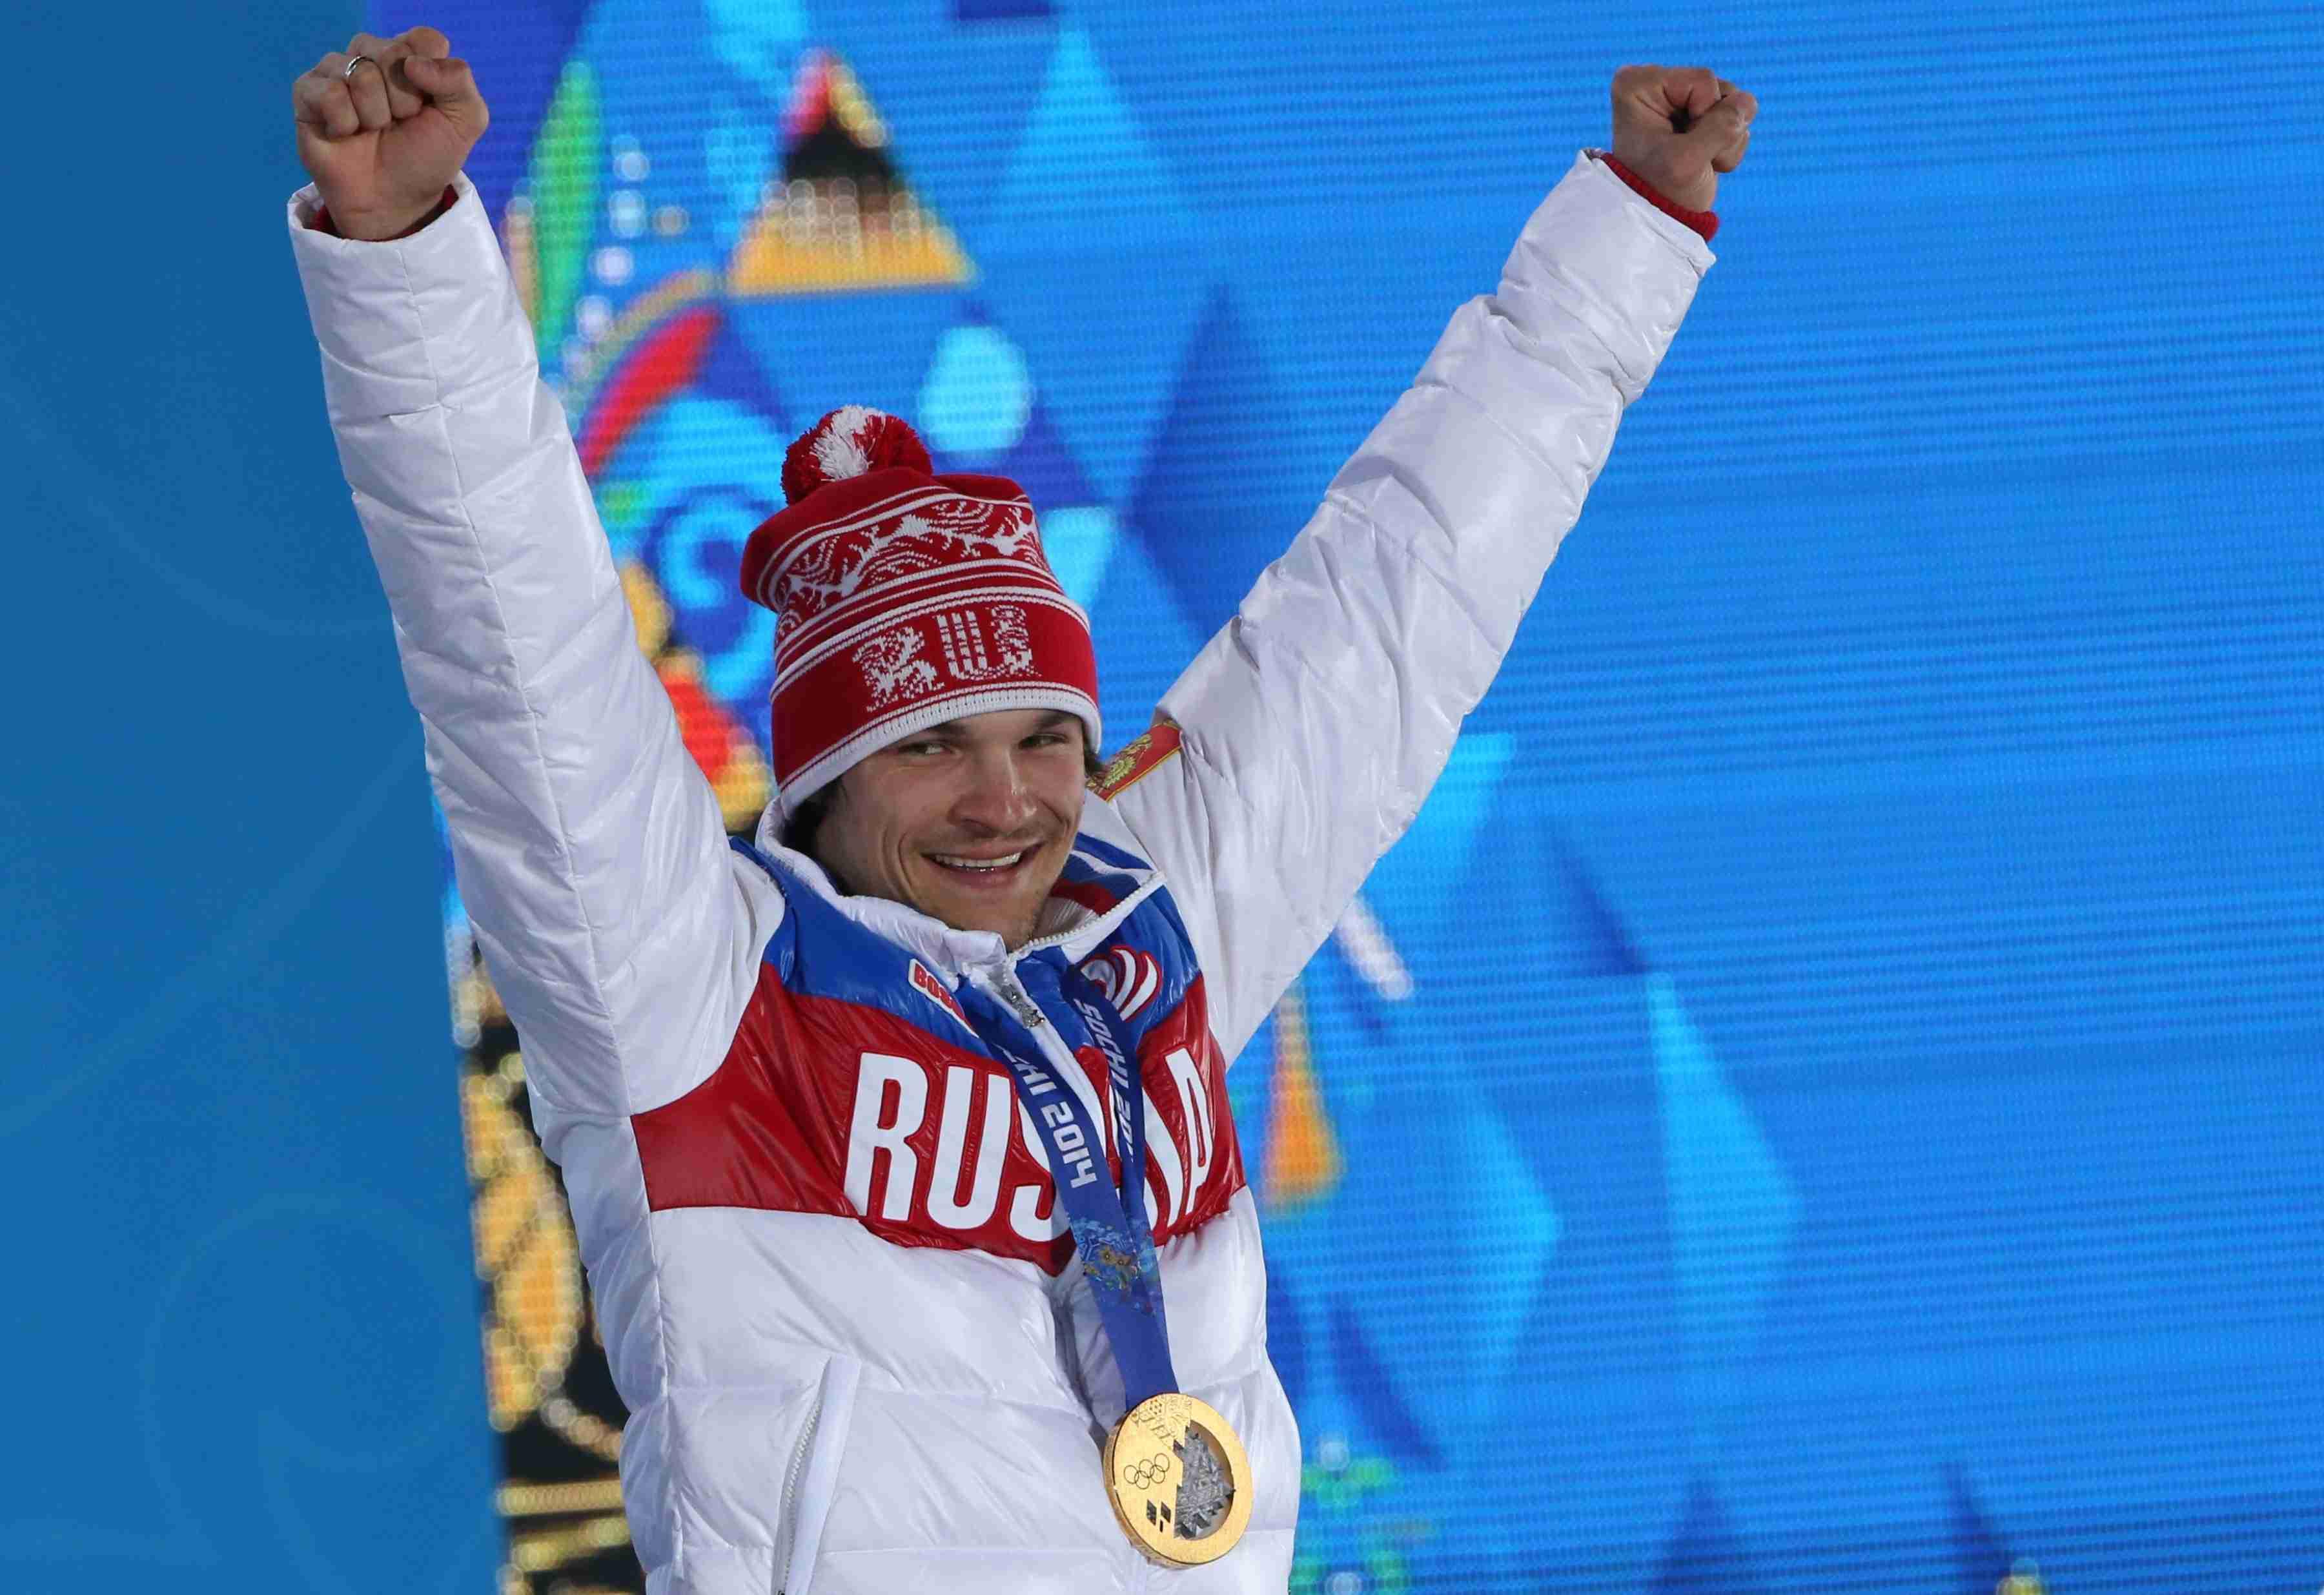 http://ss.sport-express.ru/userfiles/press/imagesinsidetext/41/41572/6.jpg